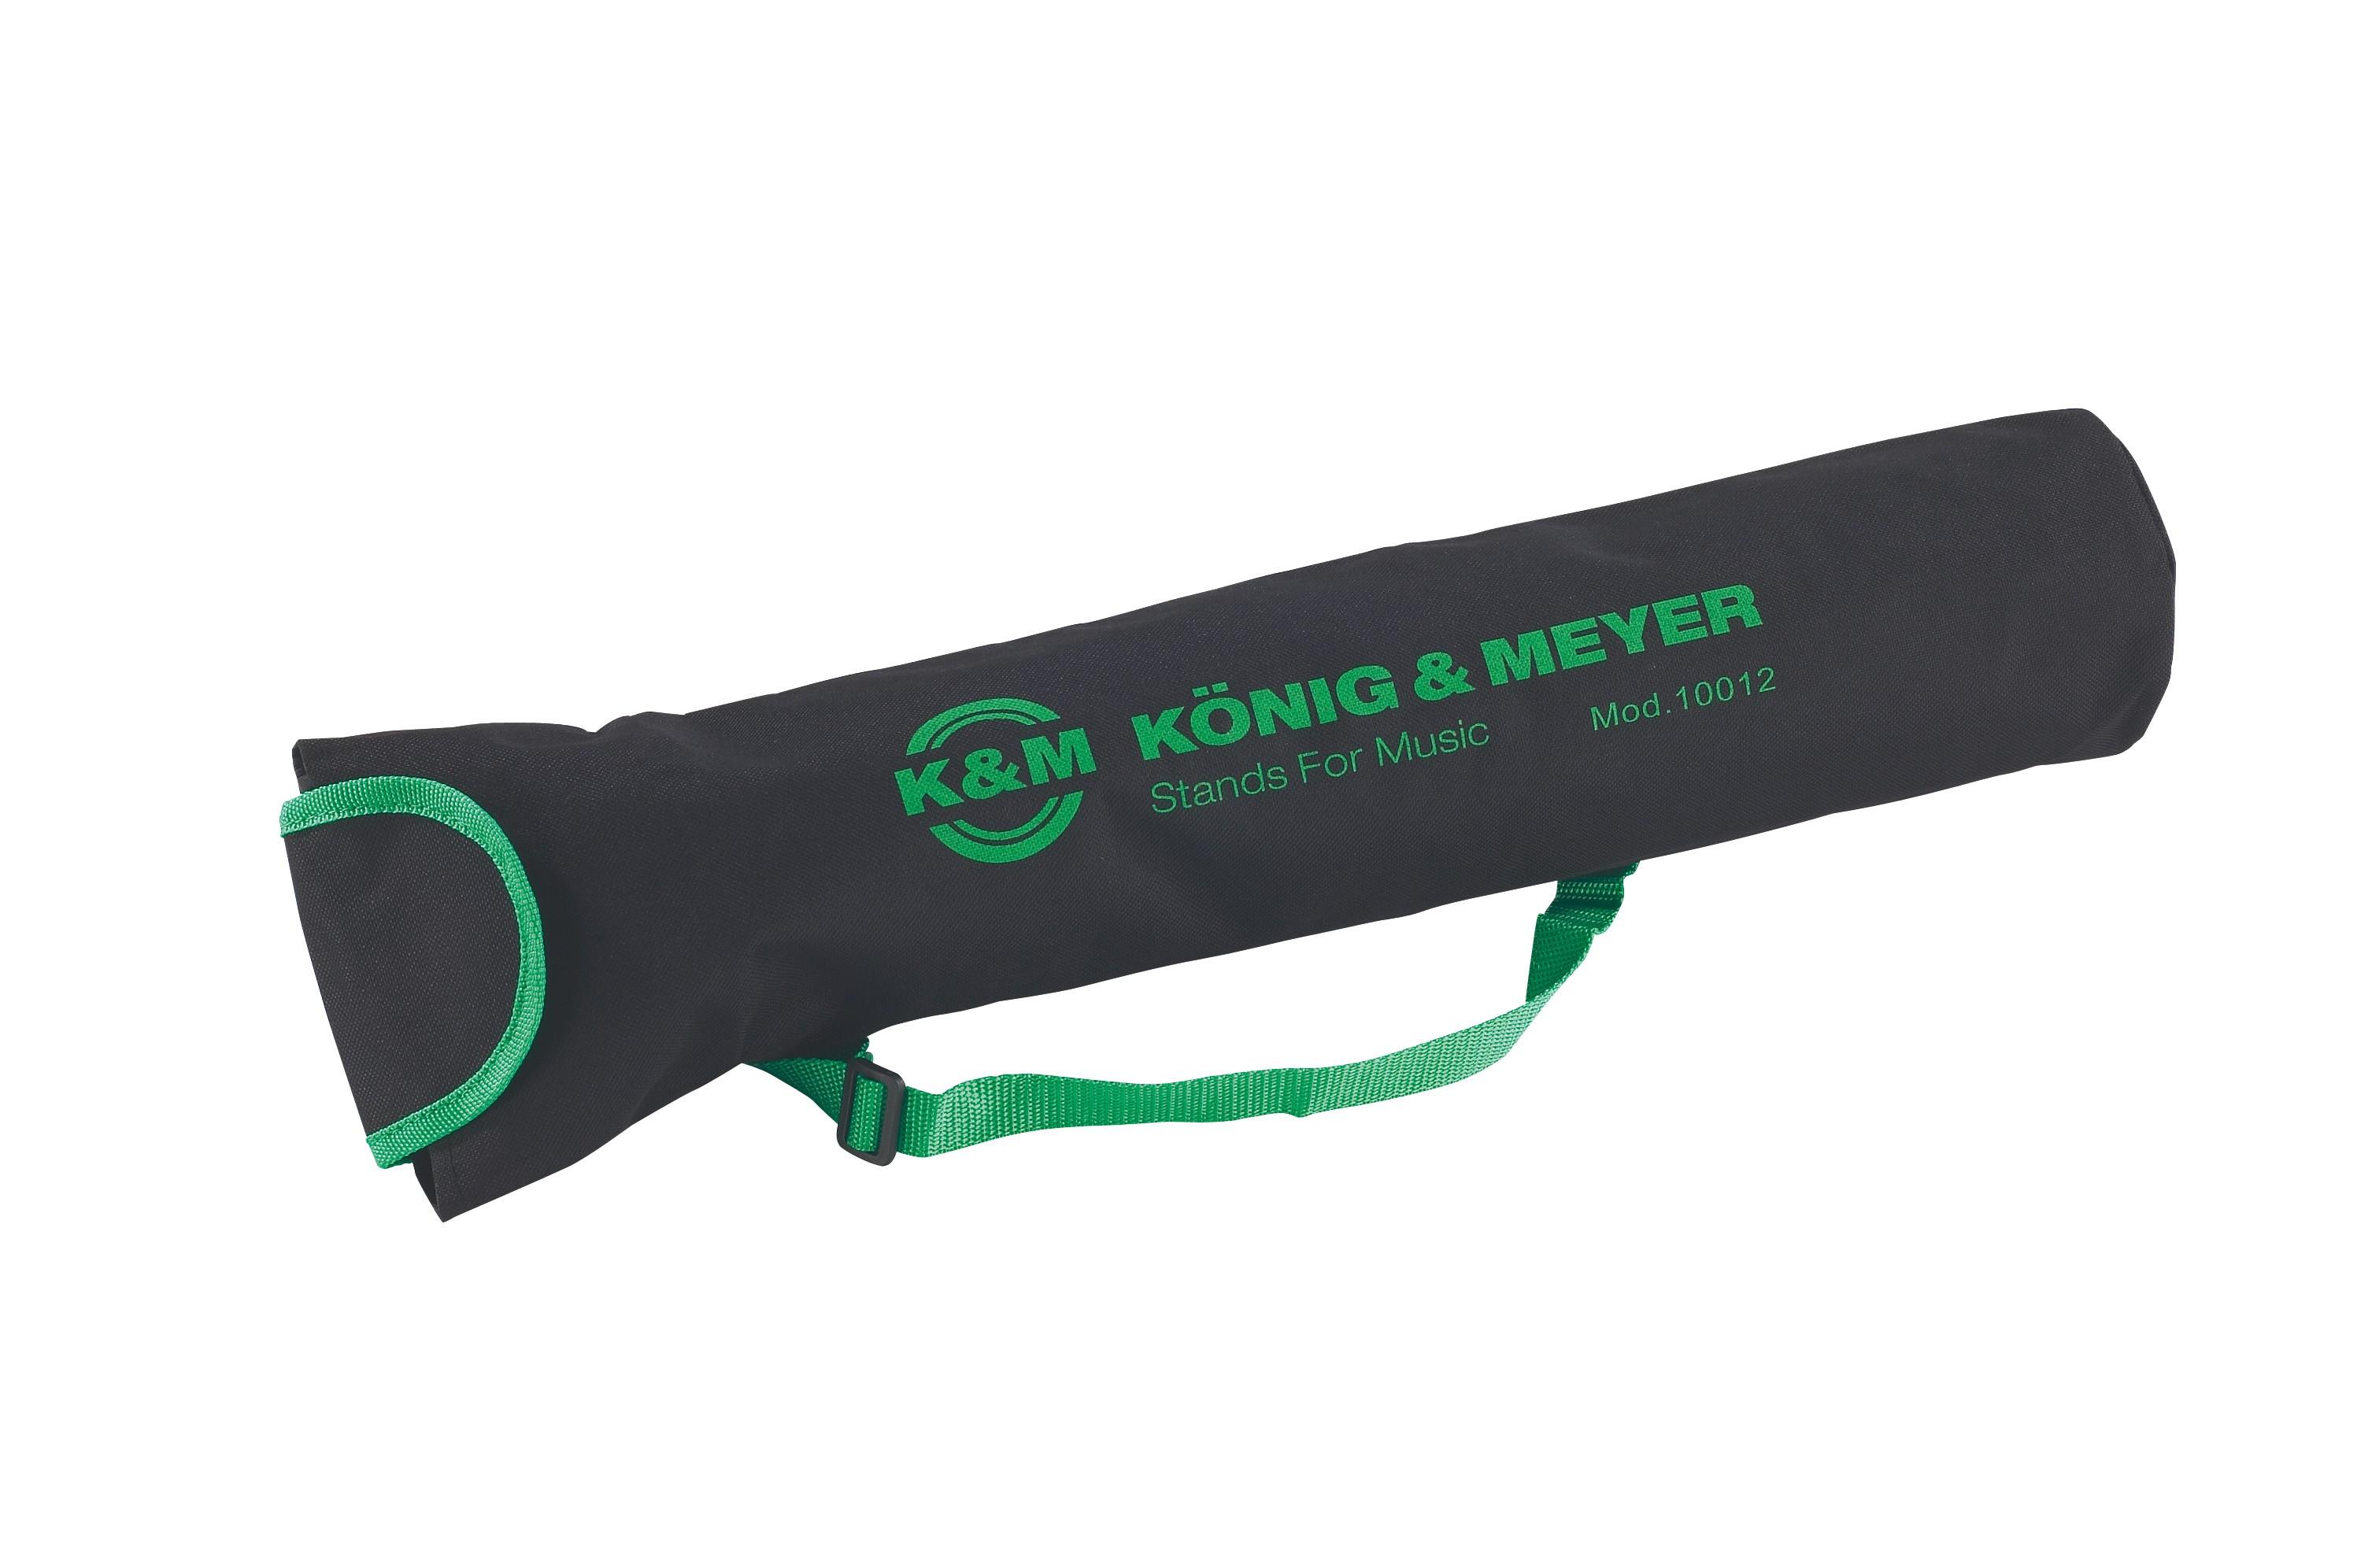 Konig & Meyer 10012 Carrying Case